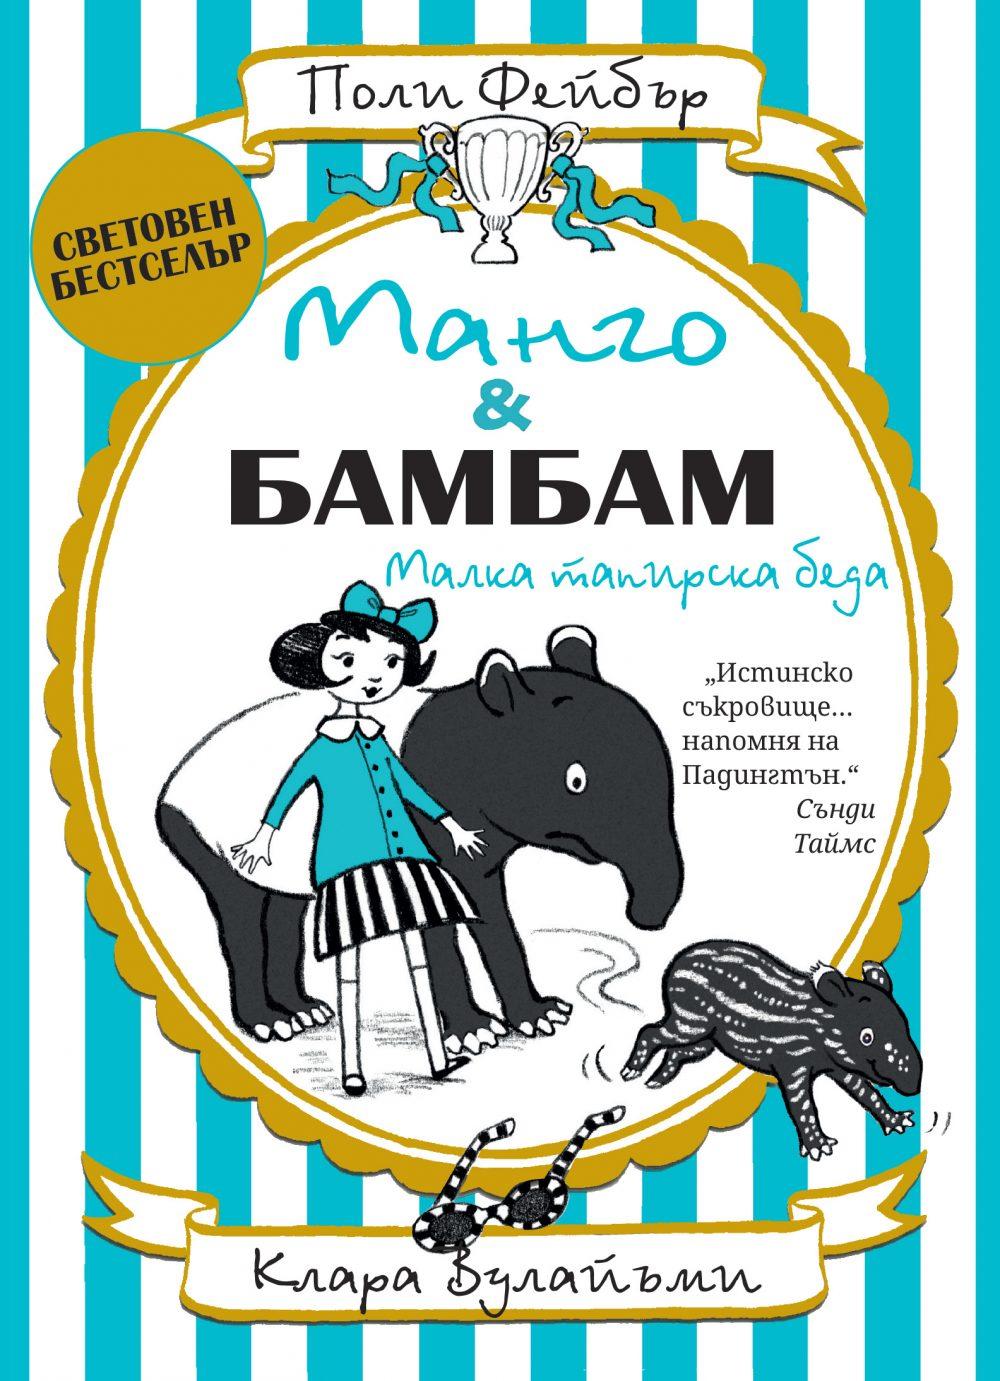 Манго и Бамбам: Малка тапирска беда от Поли Фейбър